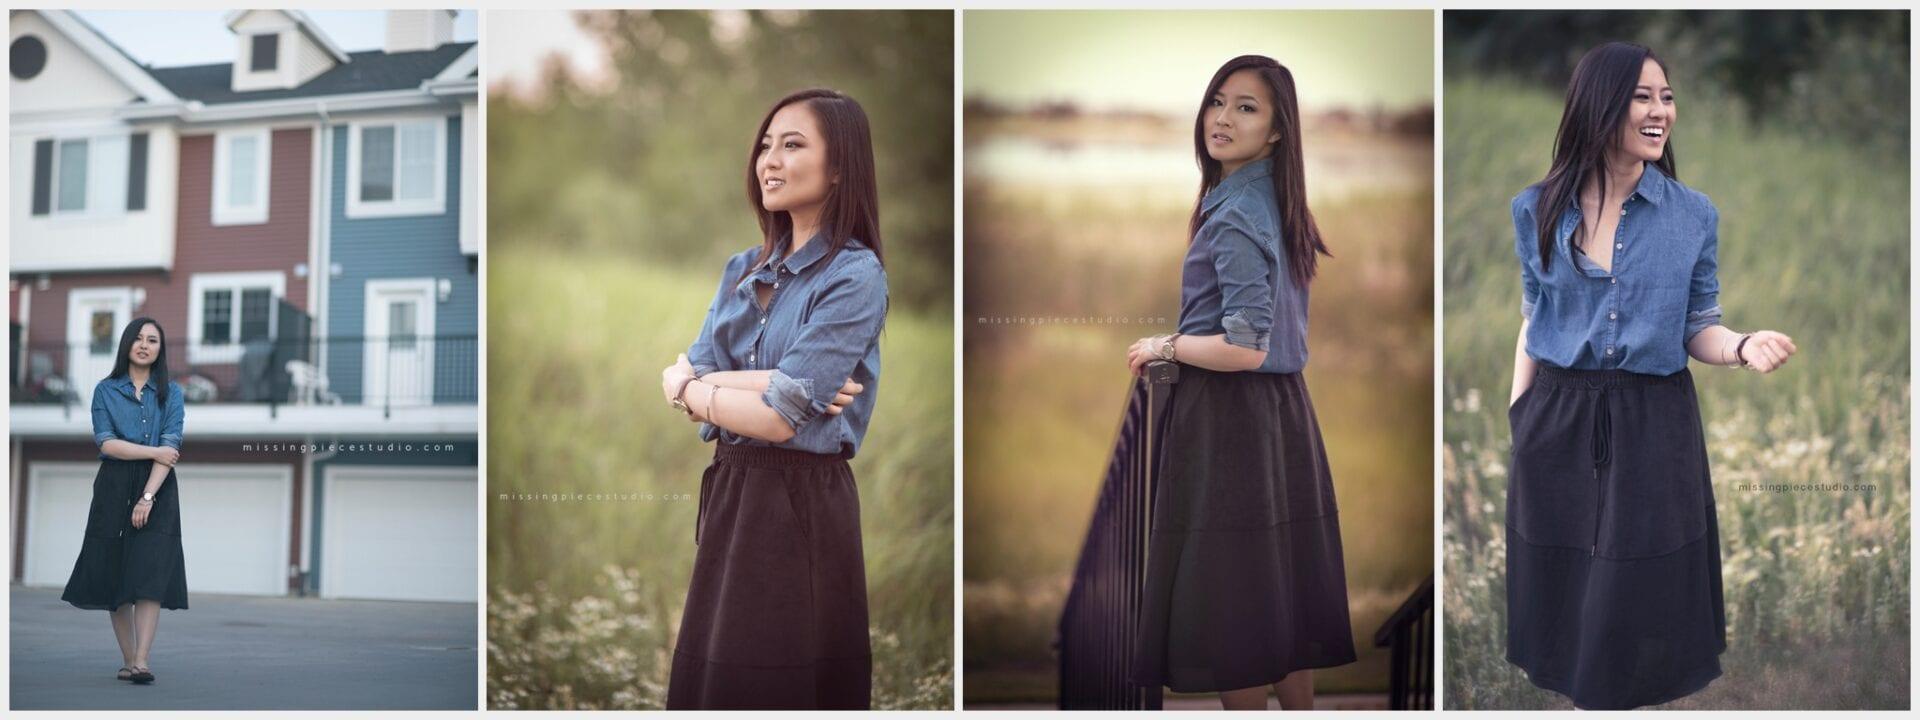 010-Calgary Modeling